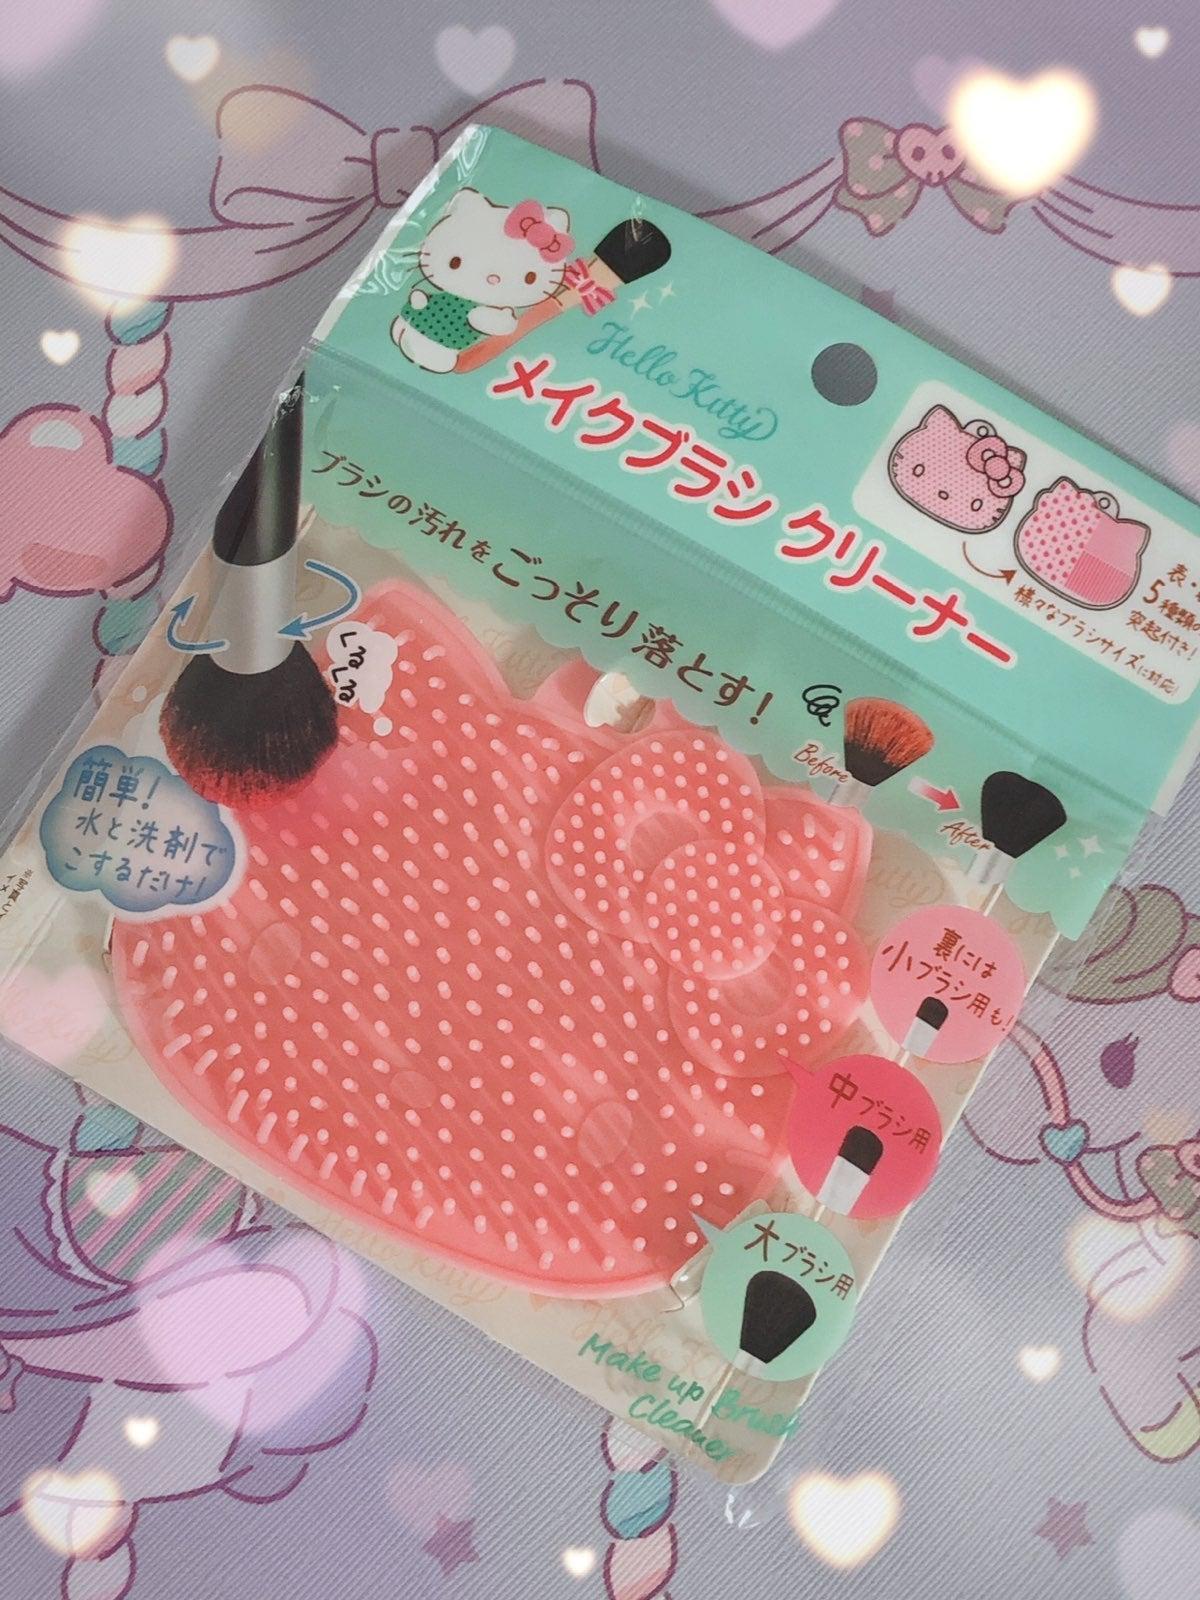 Sanrio Hello Kitty Makeup Brush Cleaner